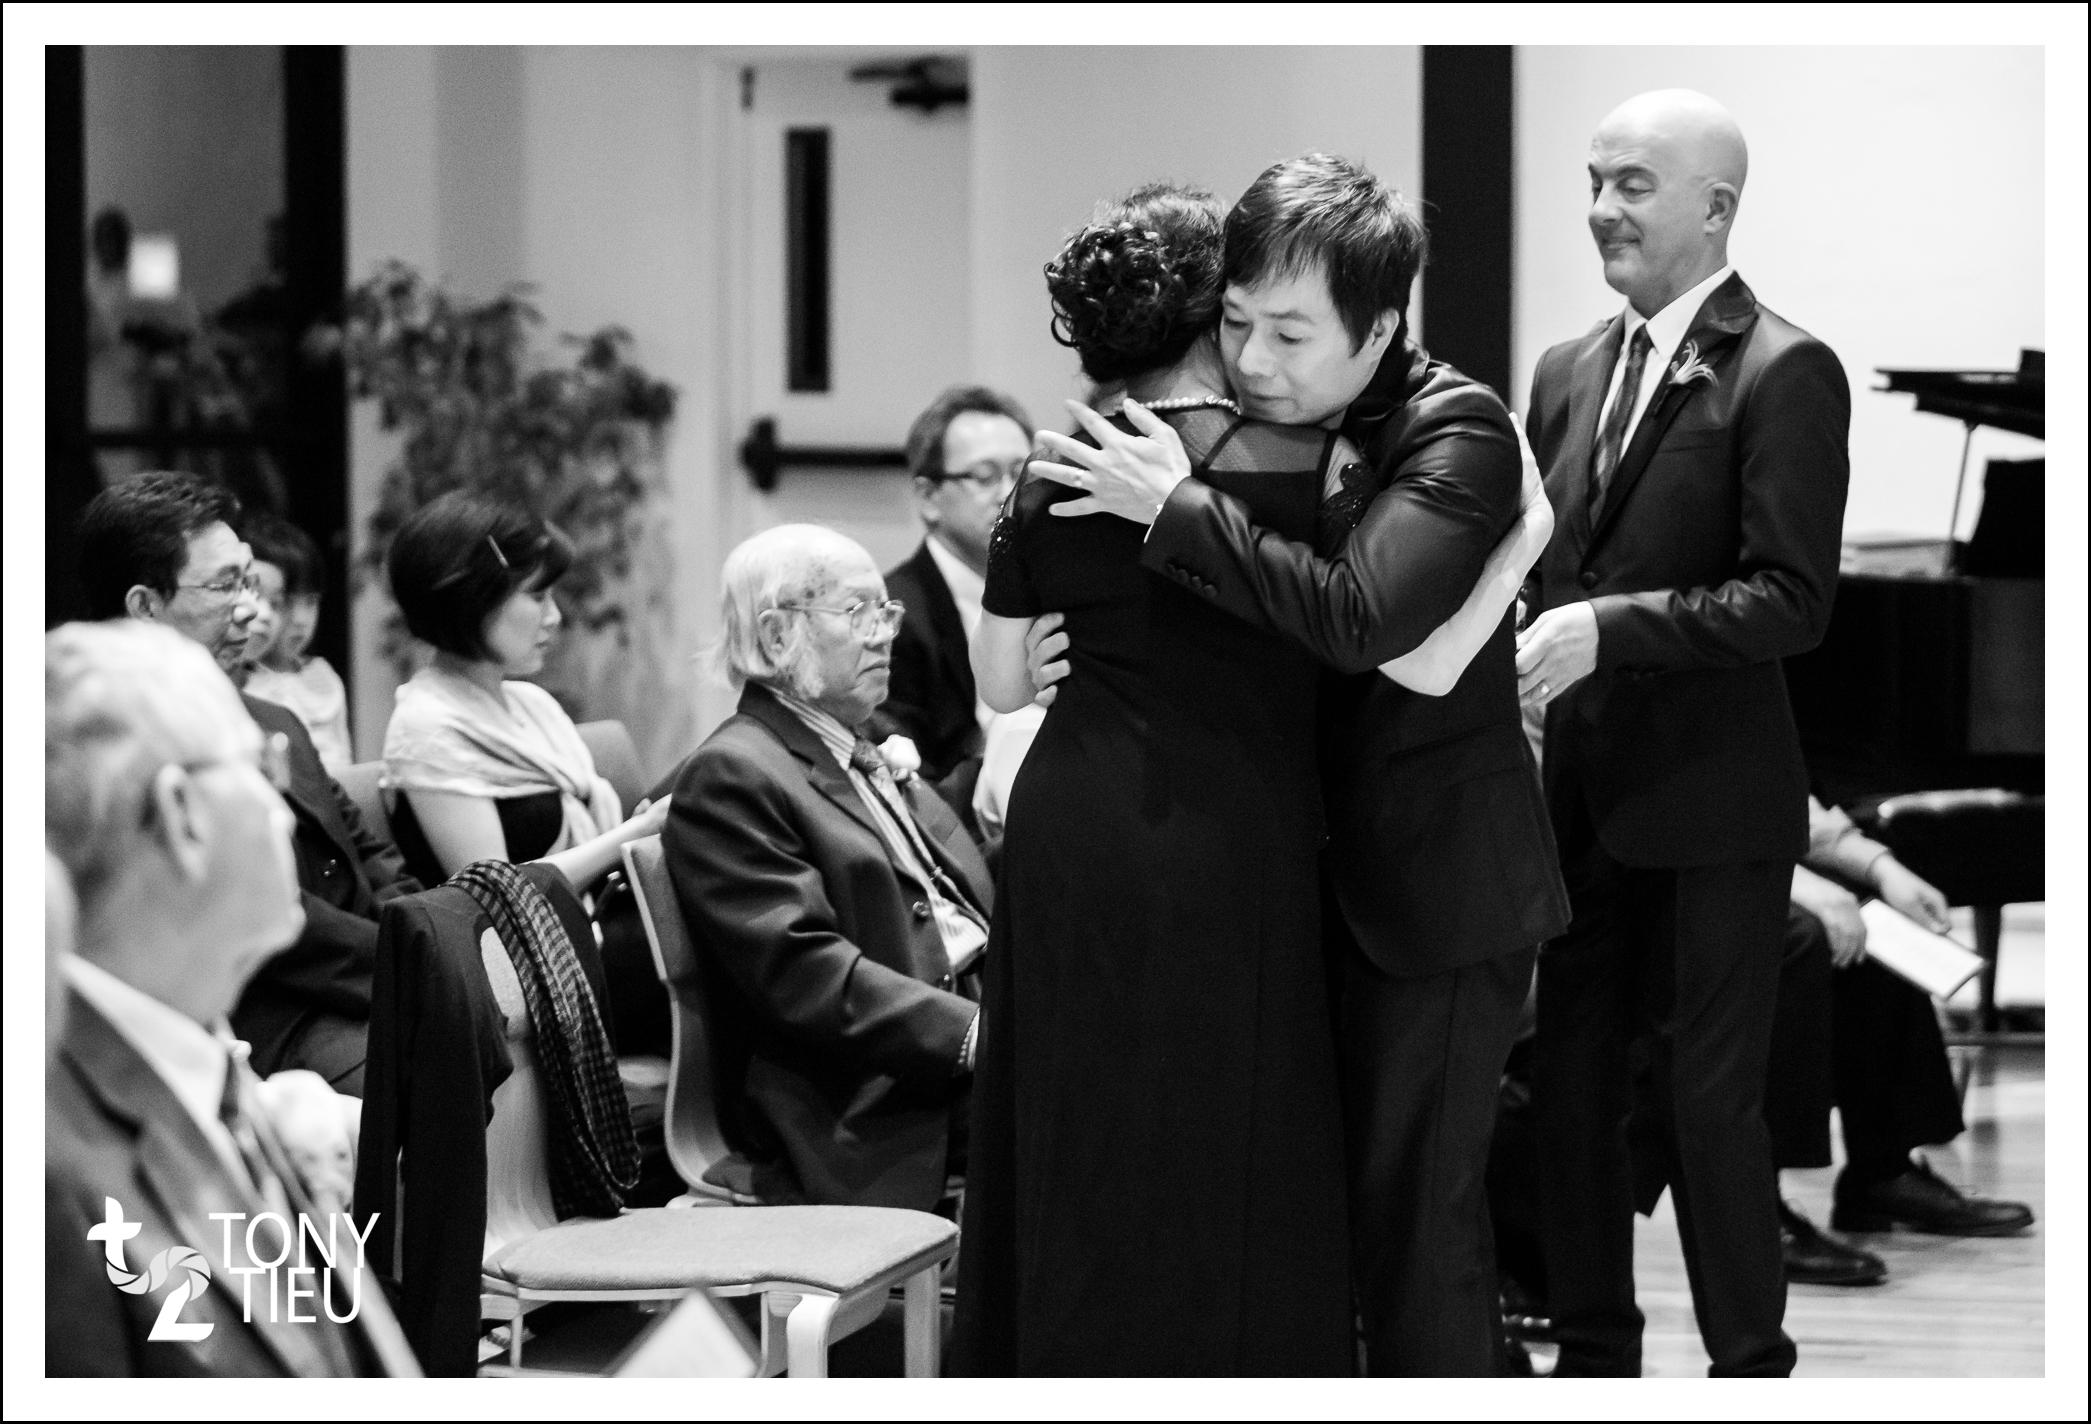 Tony_Tieu_Alain_ Wedding_11